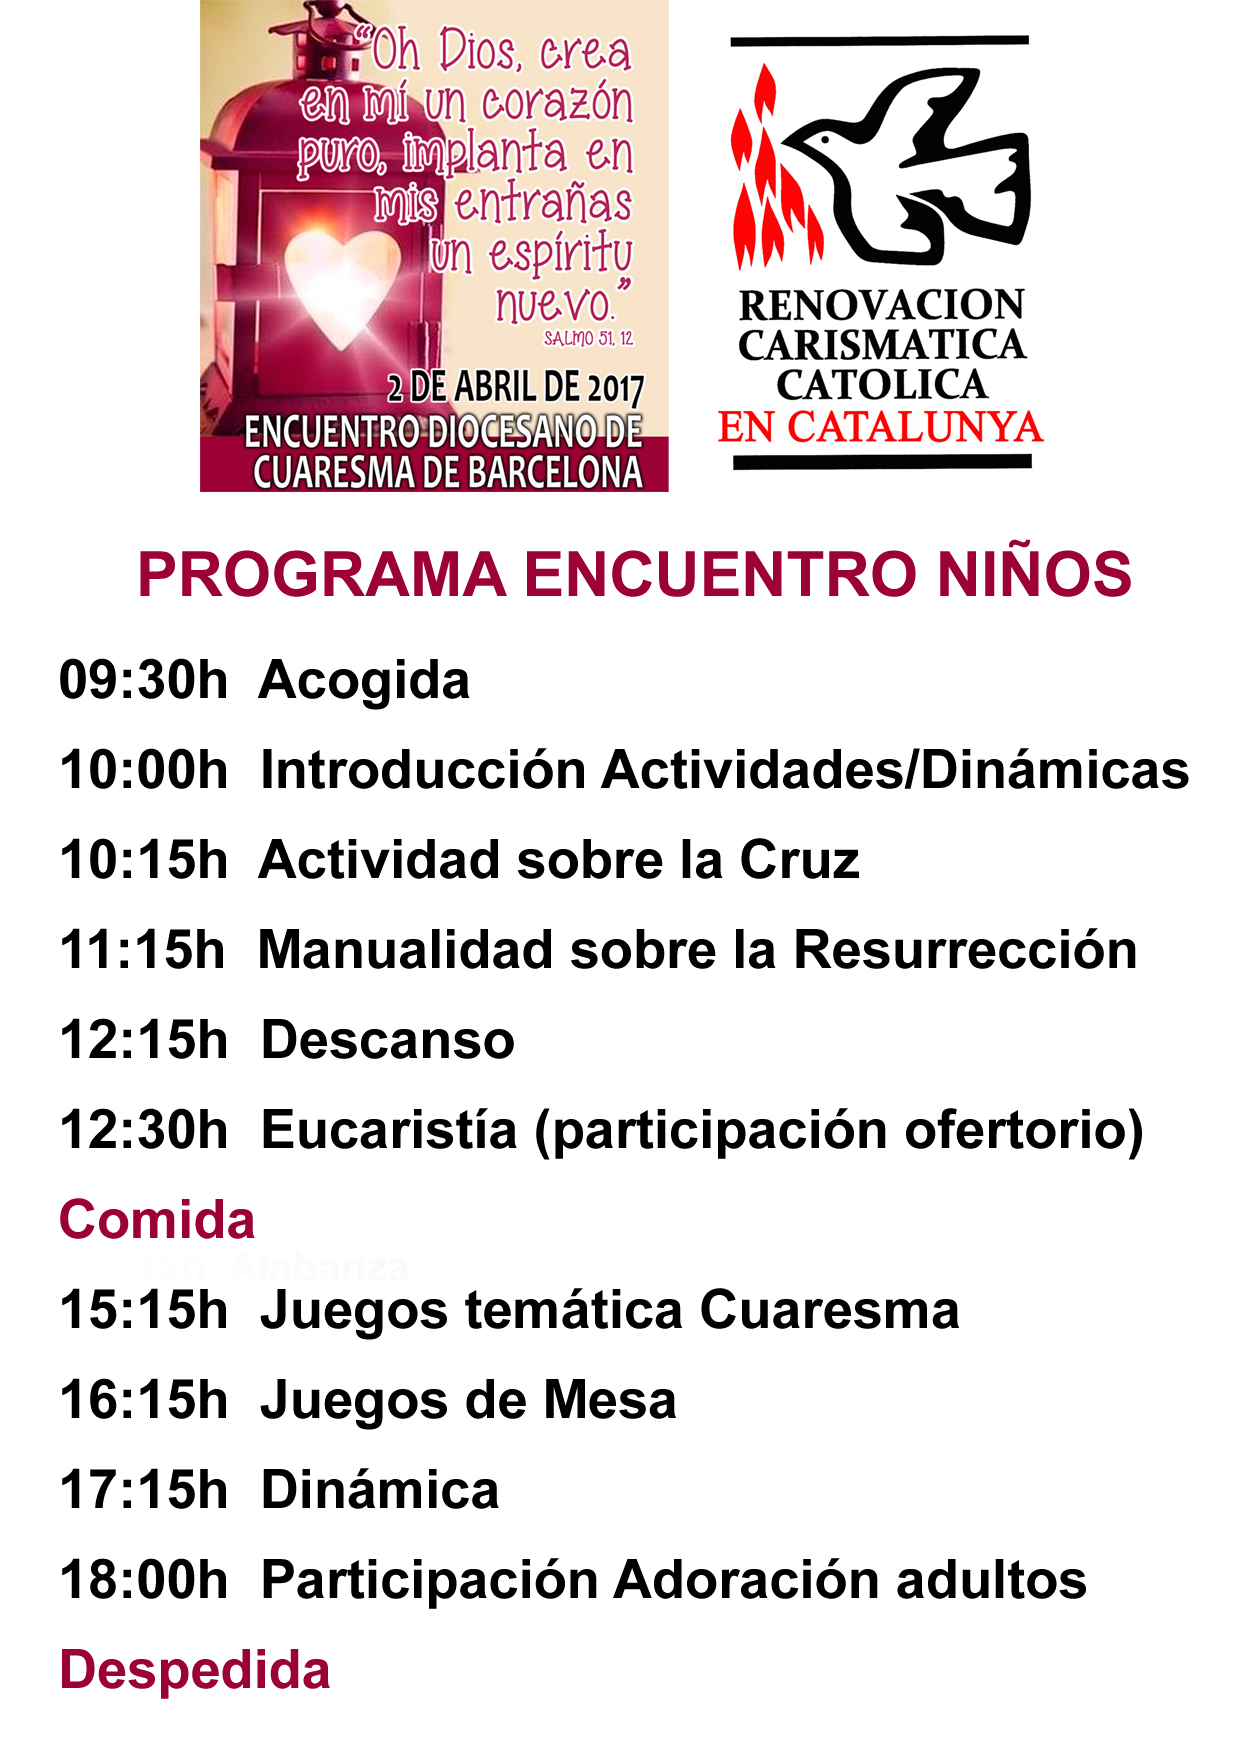 02 04 2017 Encuentro Diocesano De Cuaresma De Barcelona